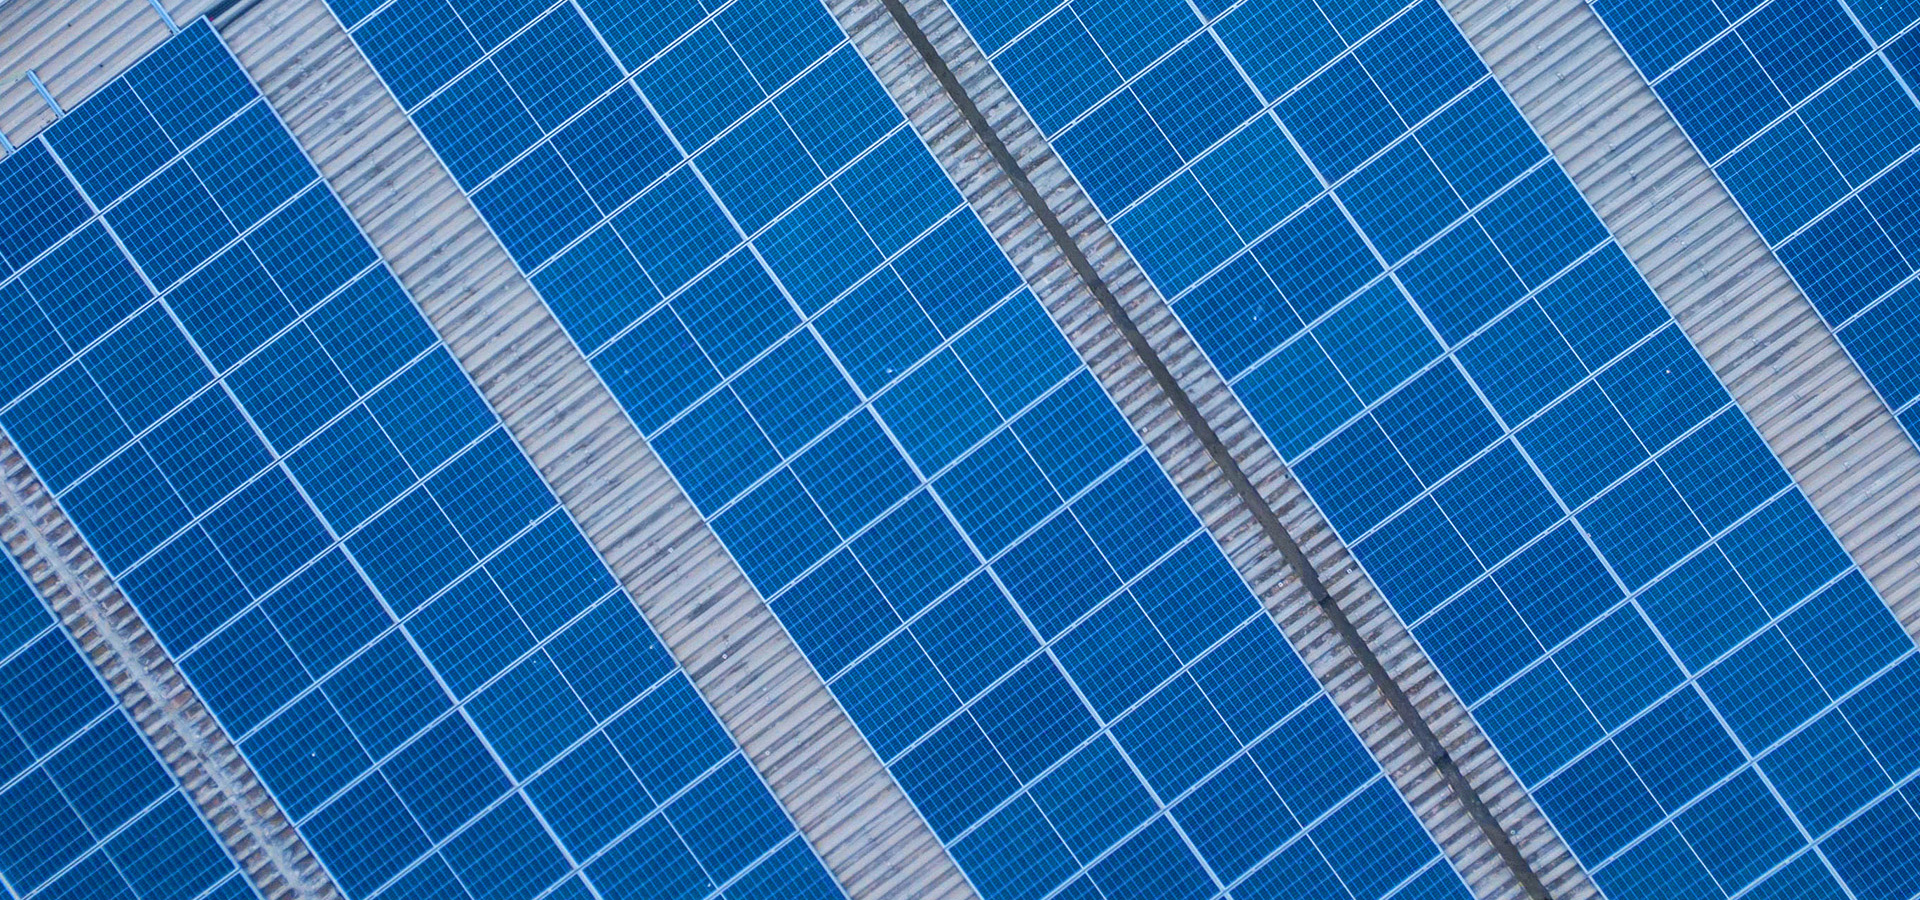 UBC_APSC_City-Scale_Energy_banner@2x